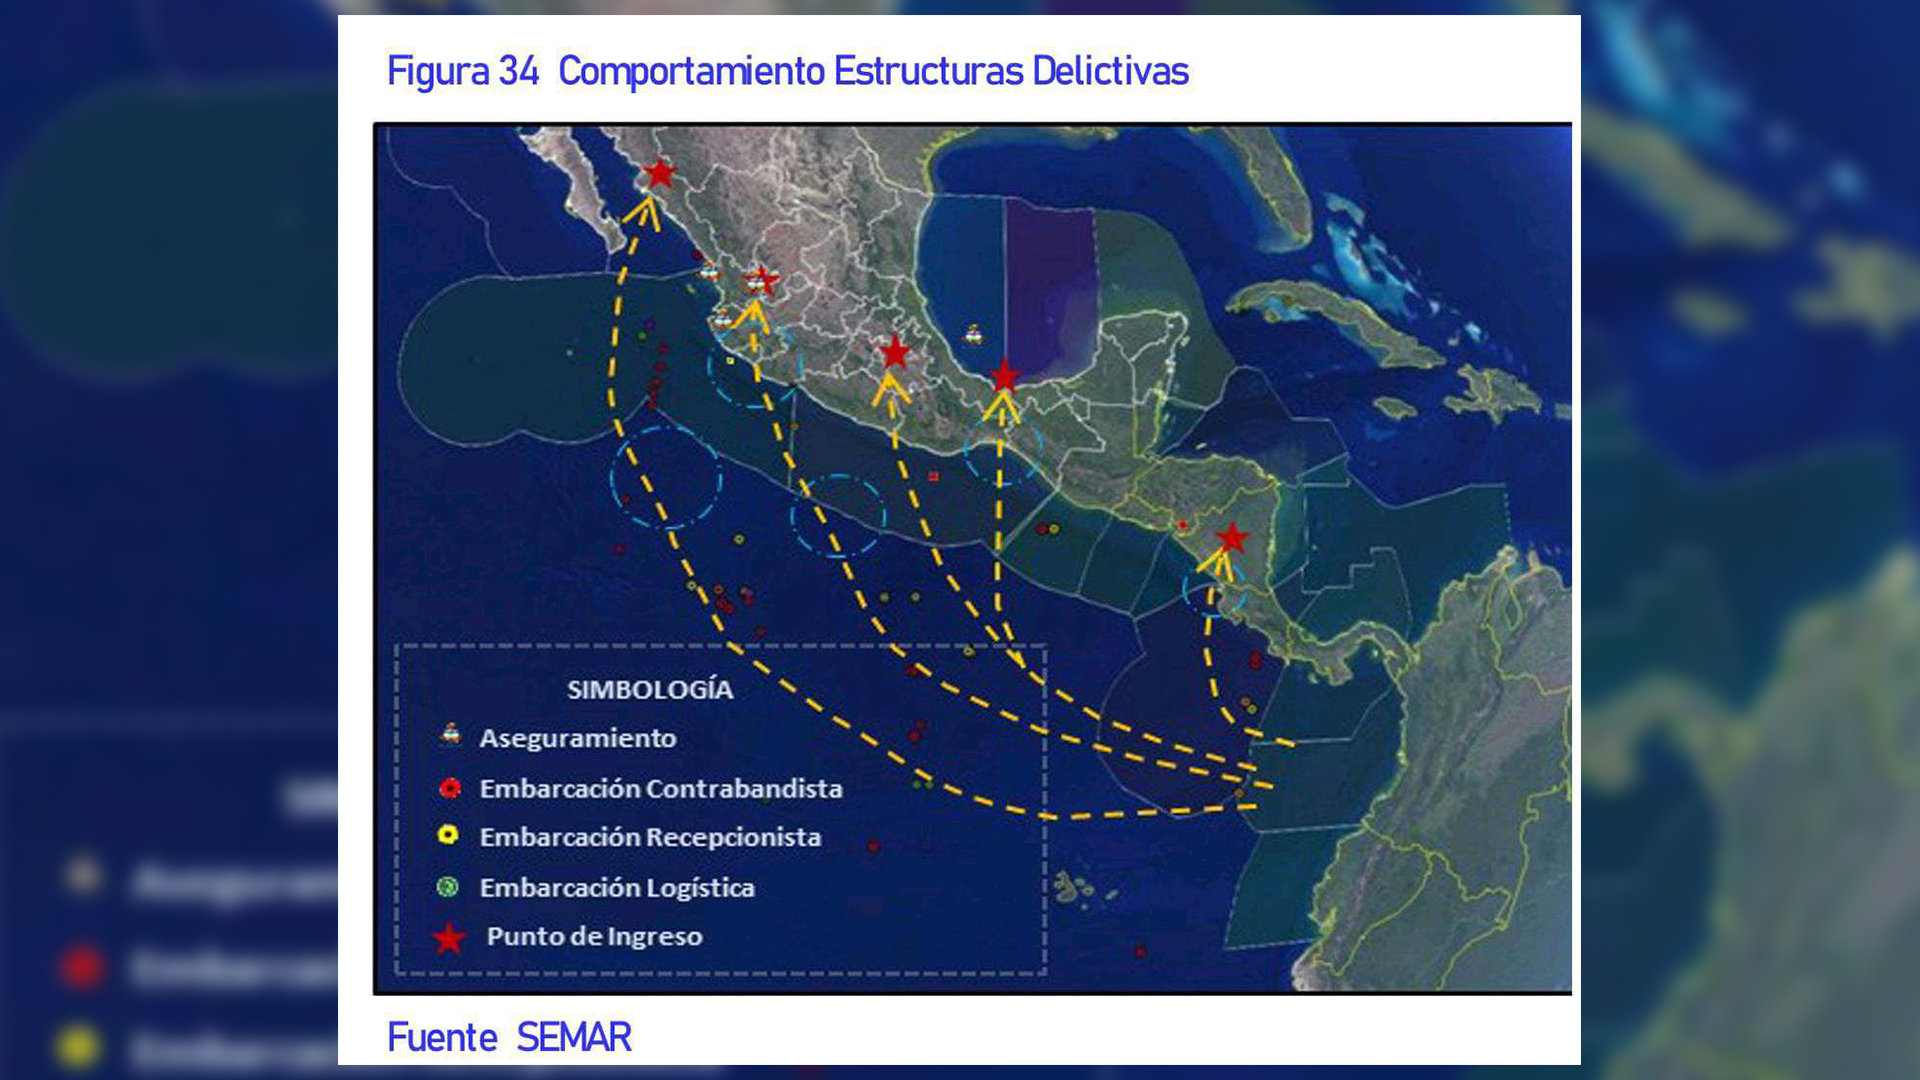 Mapa de los litorales de mexico que utiliza el narcotrafico